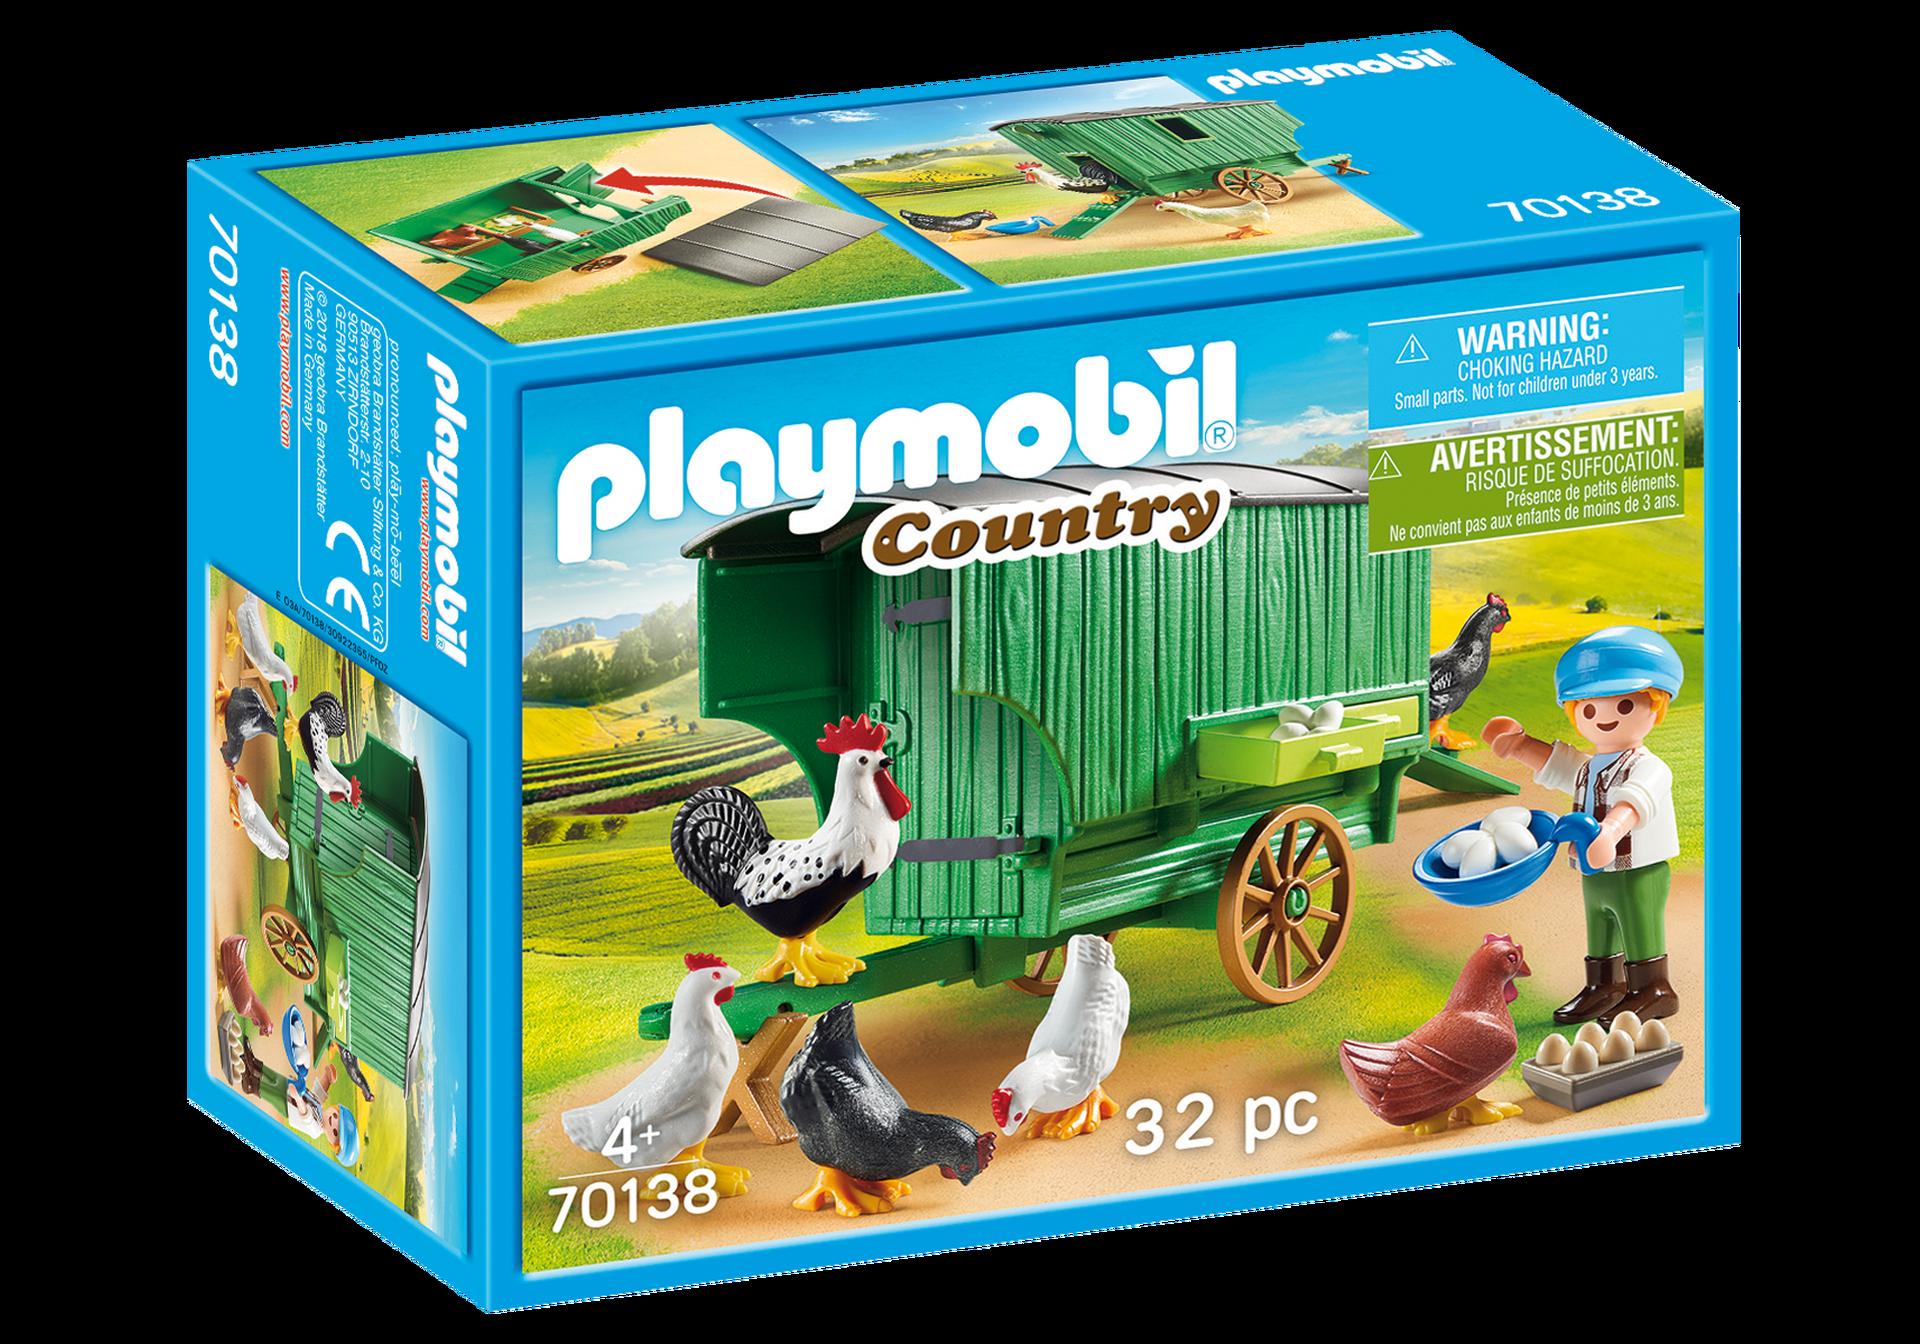 Playmobil - Chicken Coop (70138)